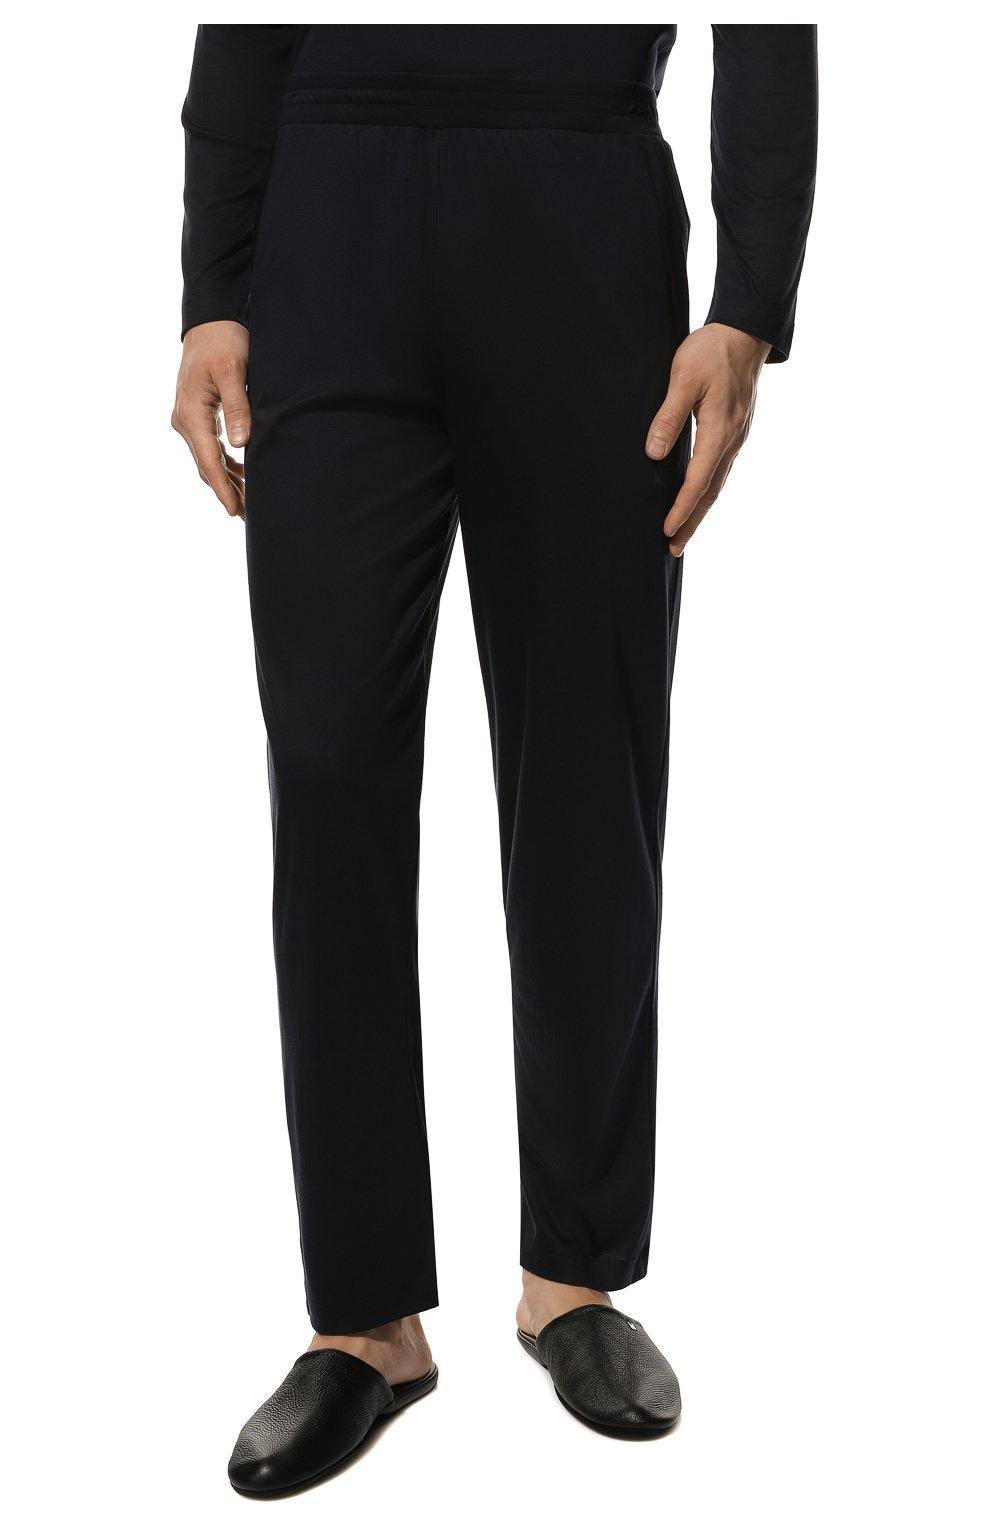 Мужская хлопковая пижама ZIMMERLI темно-синего цвета, арт. 286-95502 | Фото 5 (Рукава: Длинные; Длина (брюки, джинсы): Стандартные; Кросс-КТ: домашняя одежда; Длина (для топов): Стандартные; Материал внешний: Хлопок)